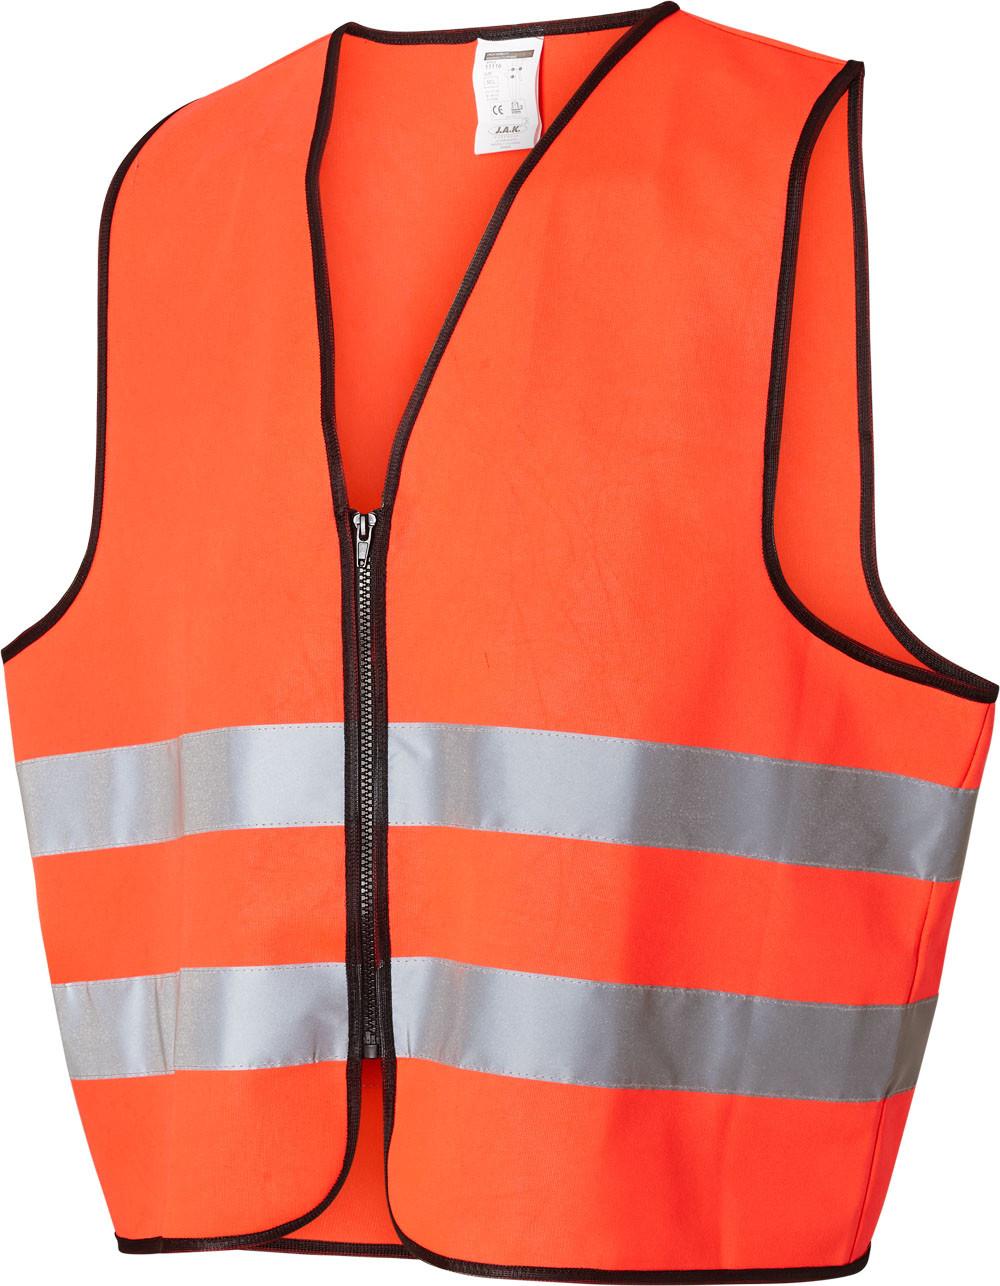 Sikkerhedsvest, Hi-Vis, kl. 2, 11116 - Rød